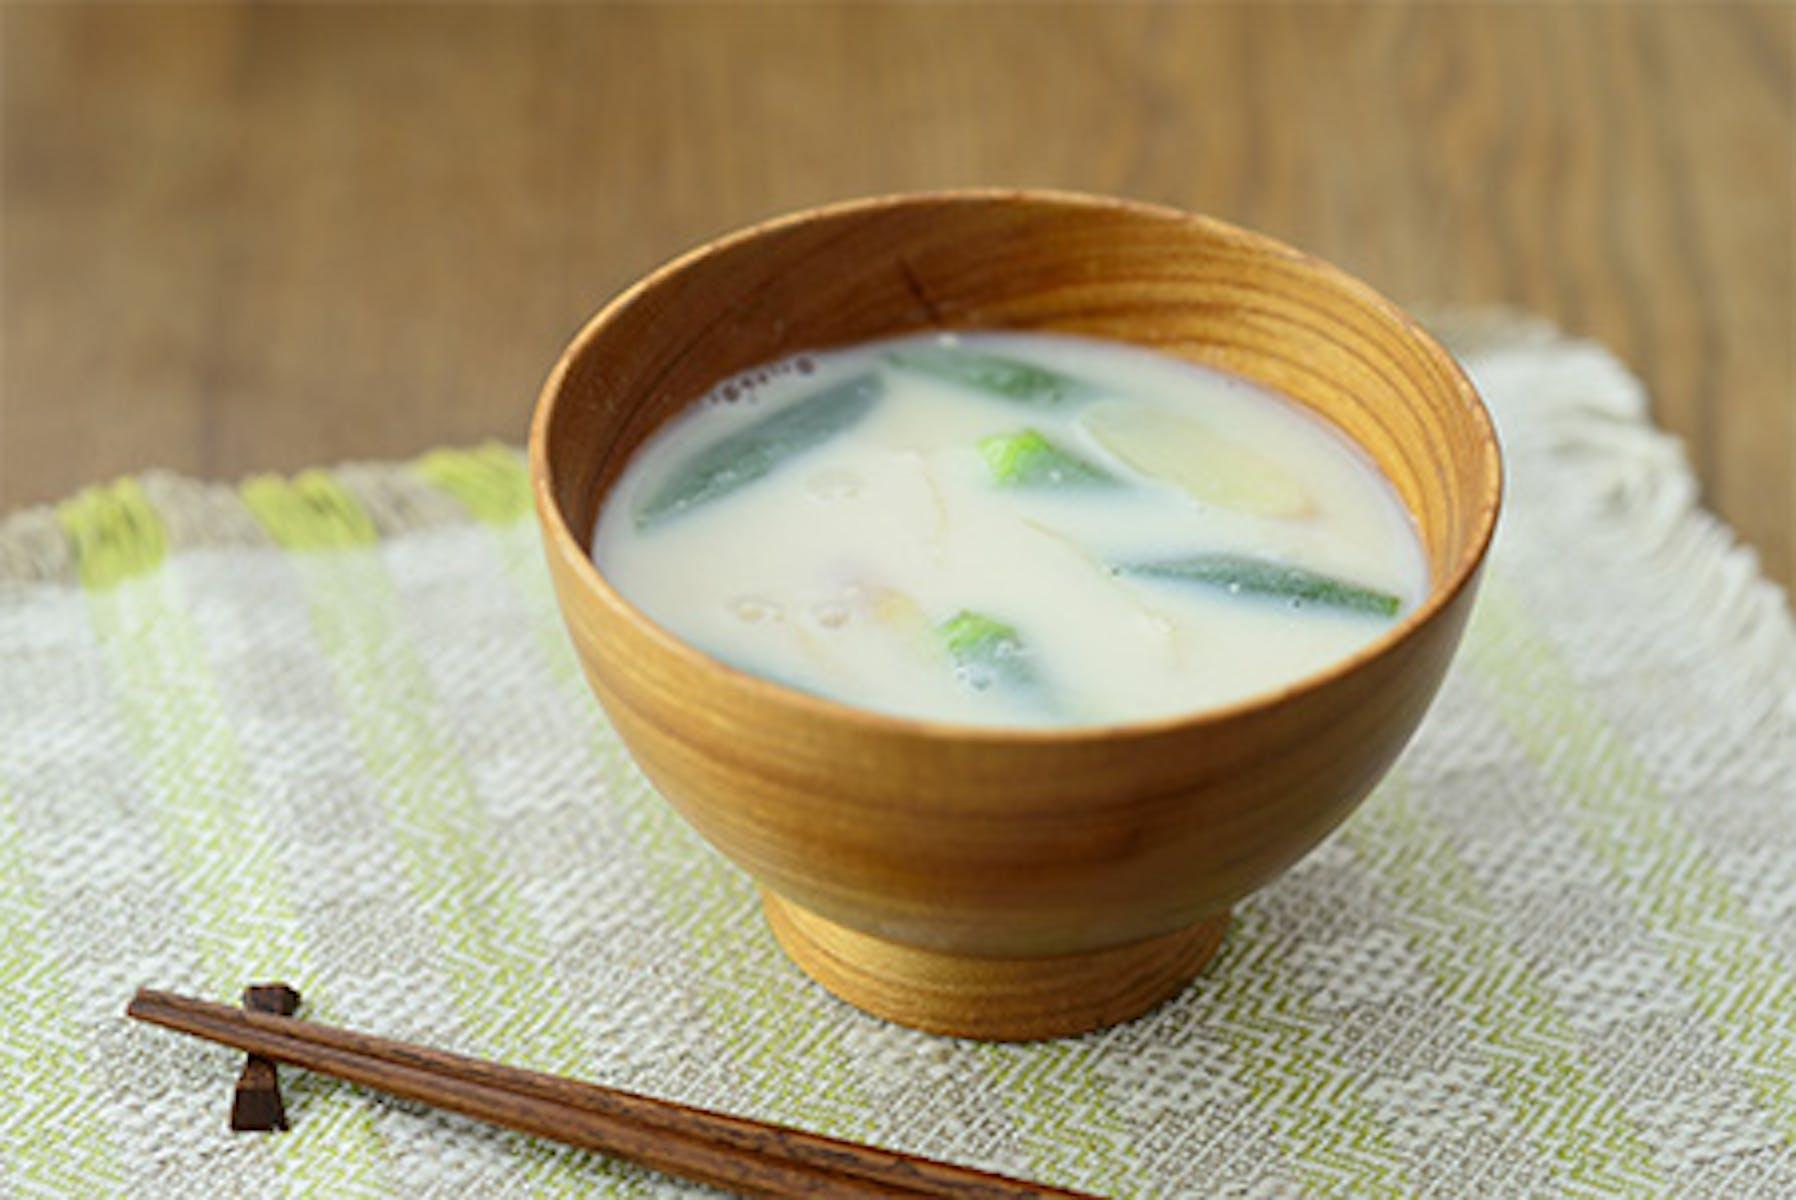 おくらと新生姜の豆乳みそ汁